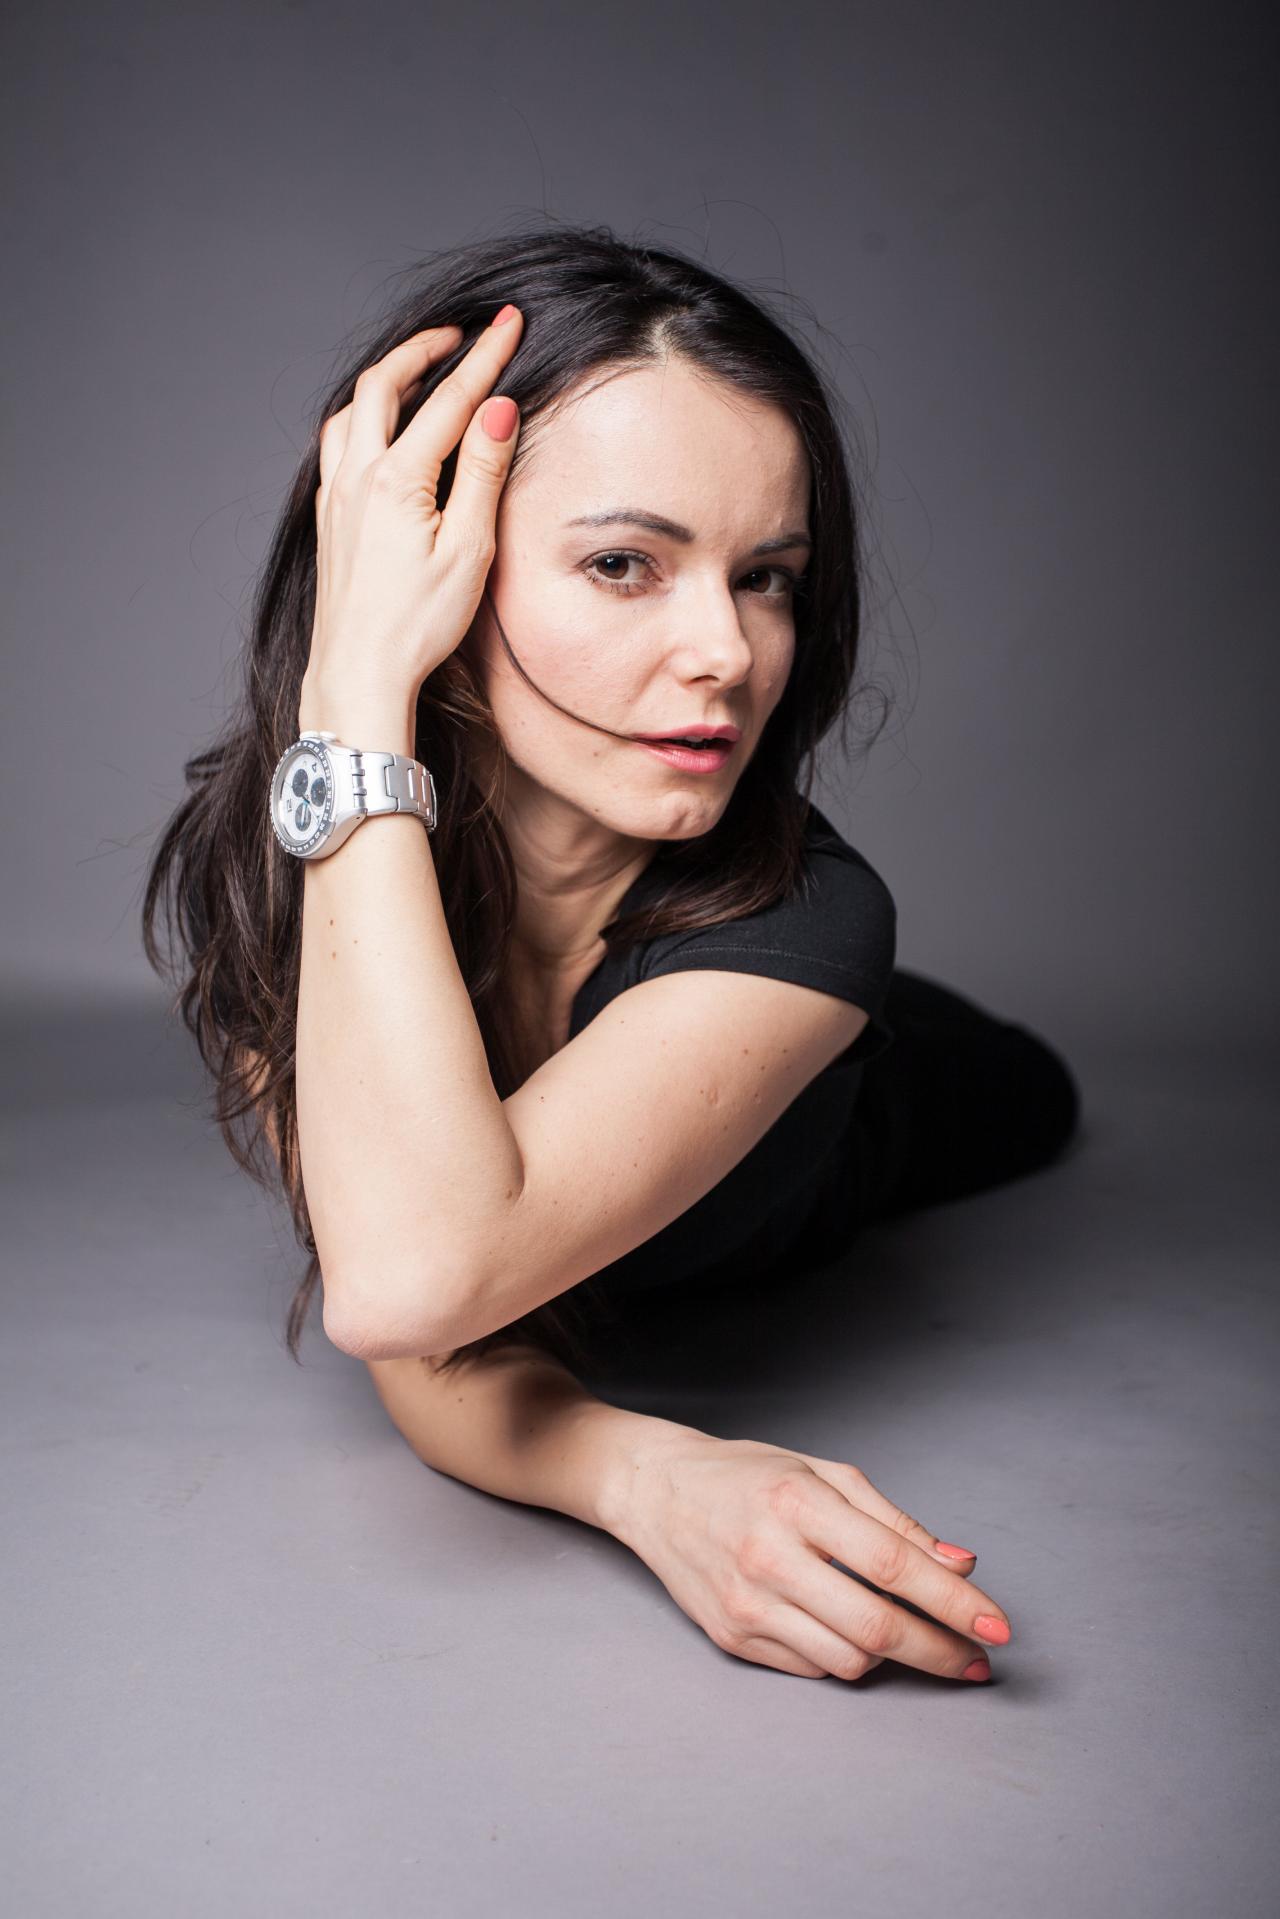 Ирина сидорова актриса фото